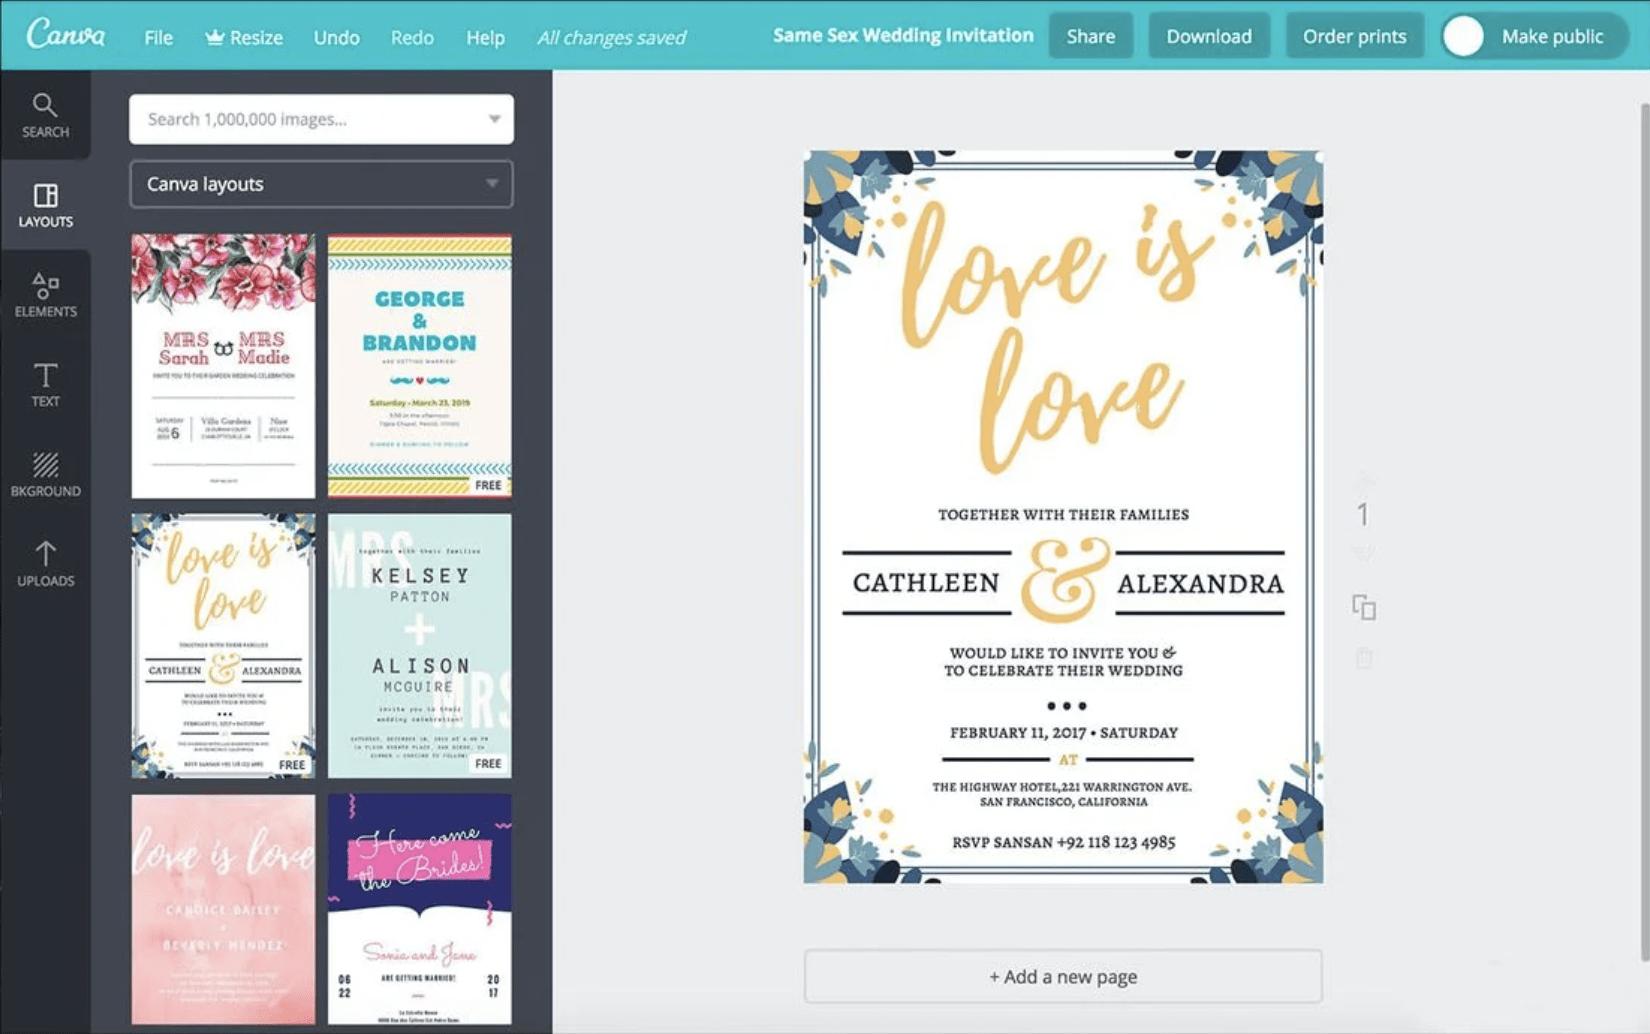 Same Sex Wedding Invitations Lead Image